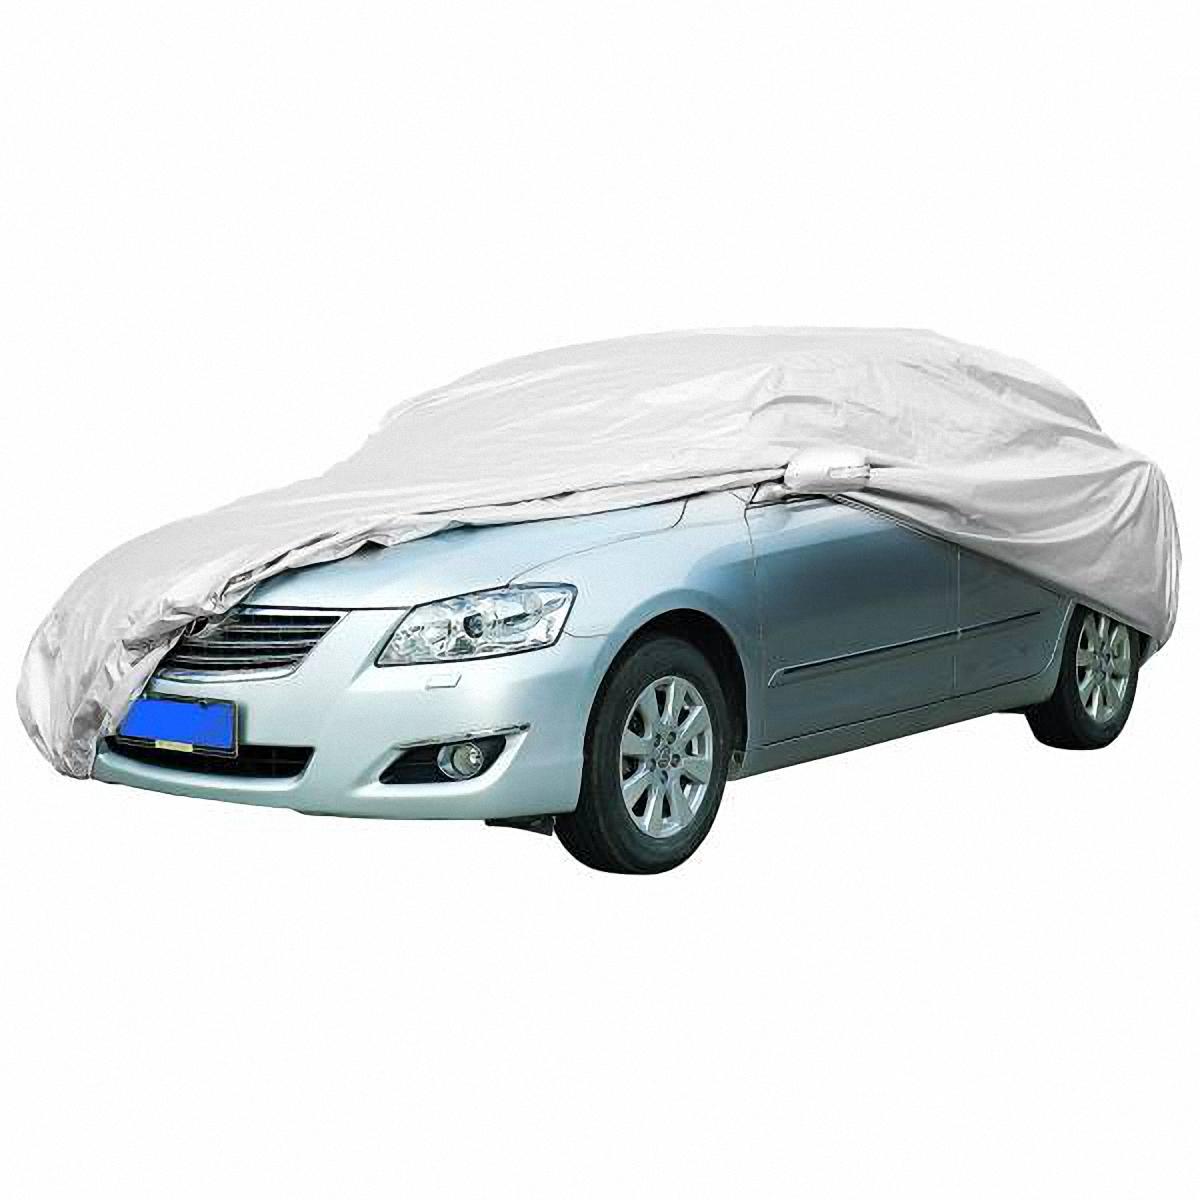 Чехол-тент автомобильный Skyway, 533 х 178 х 119 см. Размер XLS04401004Тент автомобильный позволит защитить кузов вашего транспортного средства от коррозии и загрязнений во время хранения или транспортировки, а вас избавит от необходимости частого мытья вашего автомобиля. Чехол-тент предохраняет лакокрасочное покрытие кузова, стекла и фары вашего автомобиля от воздействия прямых солнечных лучей и неблагоприятных погодных условий, загрязнений. Легко и быстро надевается на автомобиль, не царапая и не повреждая его.Изготовлен из высококачественного полиэстера. В передней и задней части тента вшиты резинки, стягивающие его нижний край под передним и задним бамперами. Обладает высокой влаго- и износостойкостью. Обладает светоотражающими и пылезащитными свойствами. Выдерживает как низкие, так и высокие температуры. Воздухопроницаемый материал. Состав: полиэстер. Размер: 533 х 178 х 119 см.